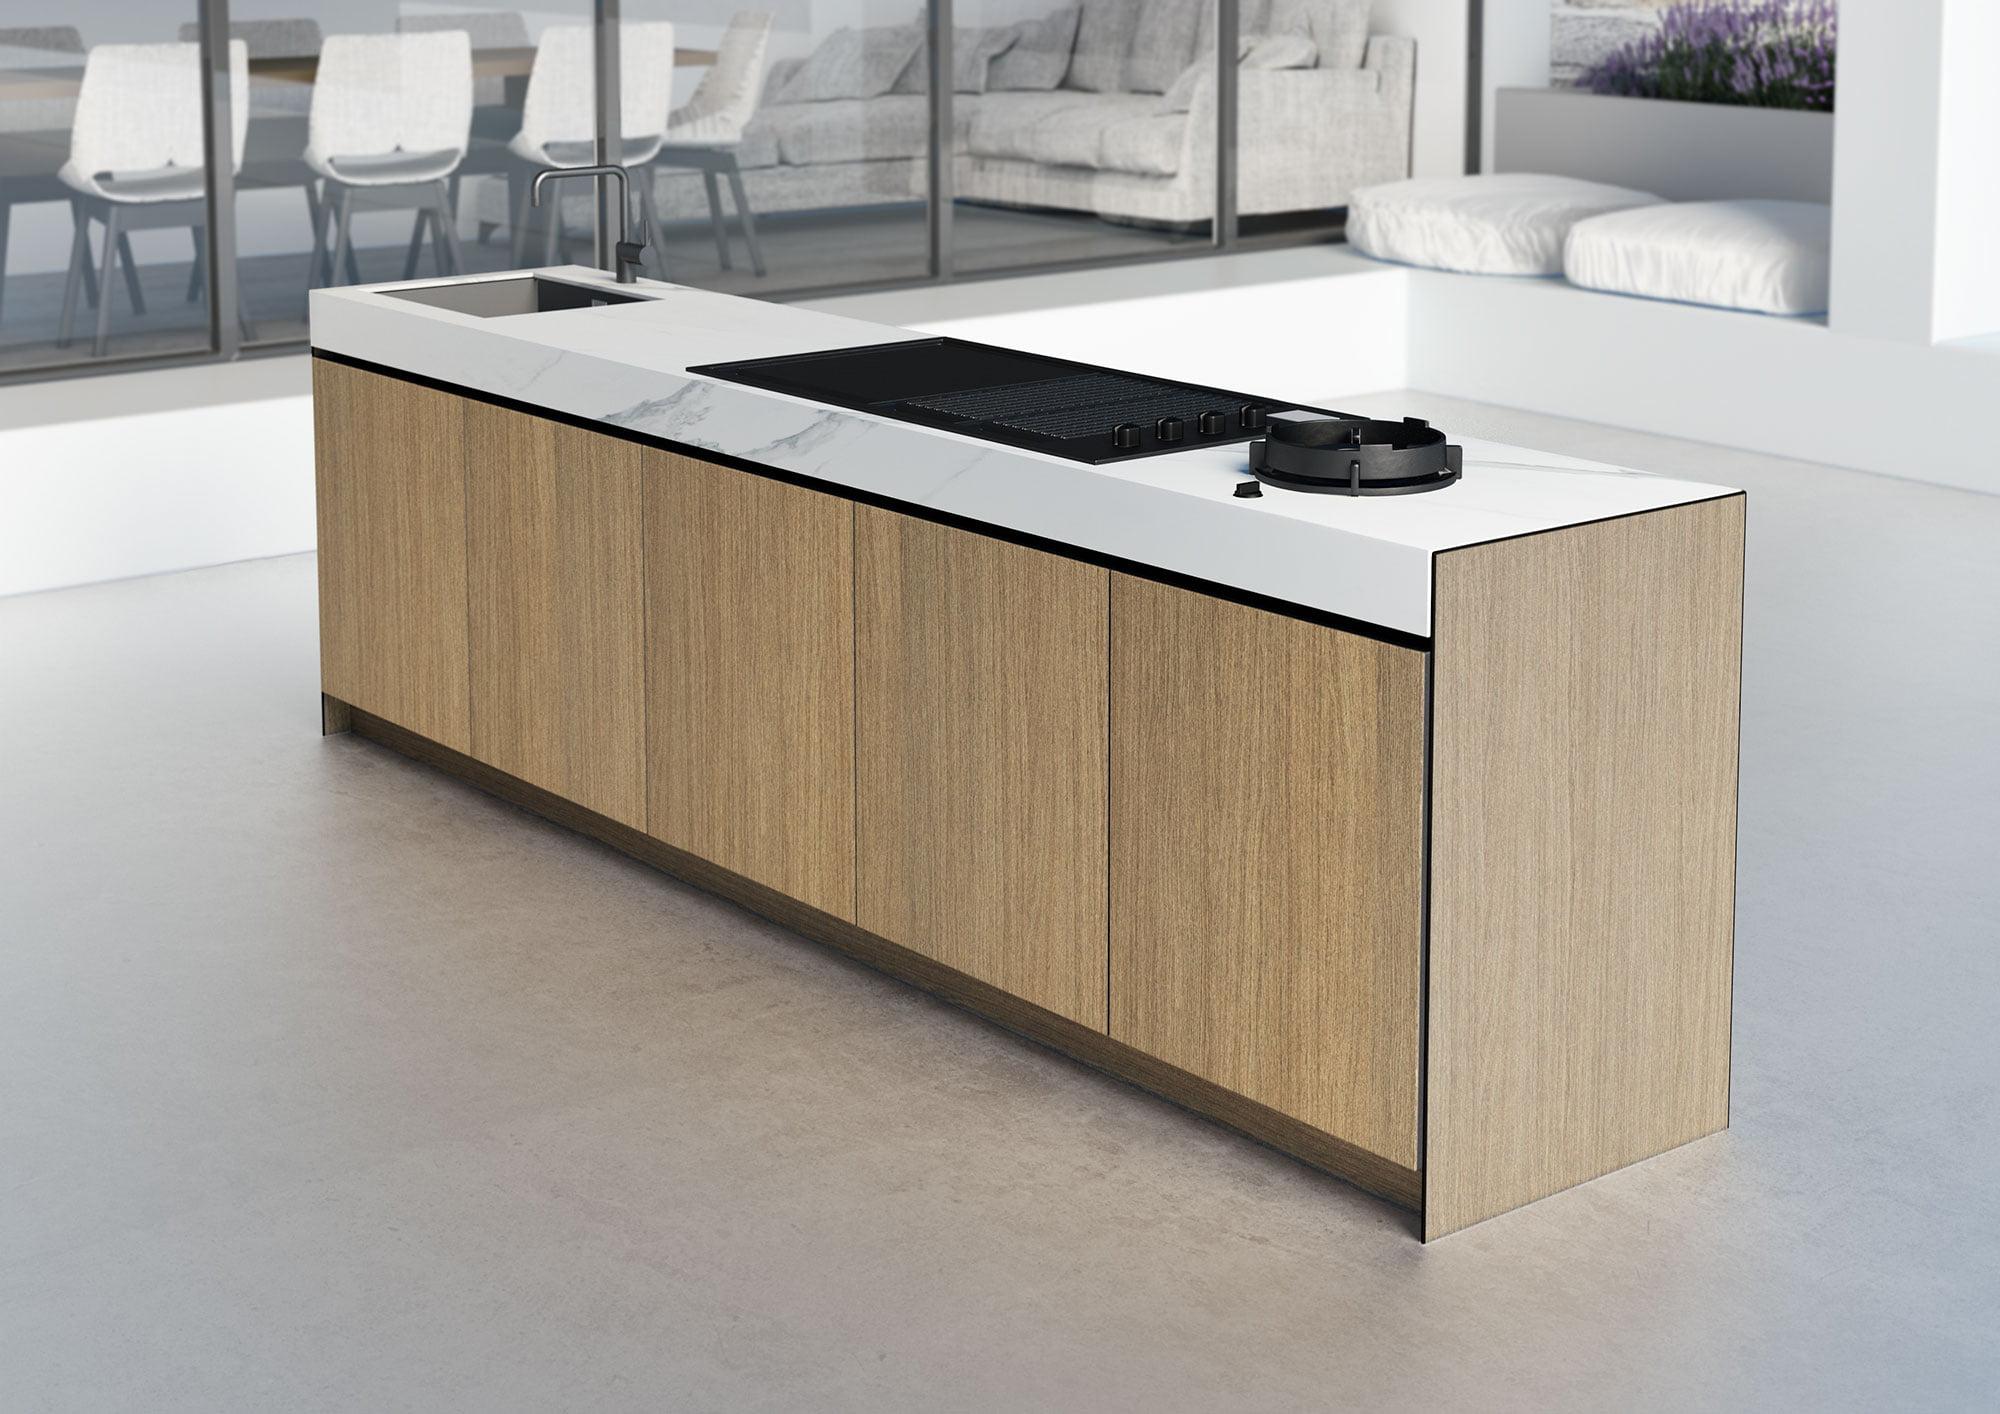 Krieder-outdoor-kitchen-19